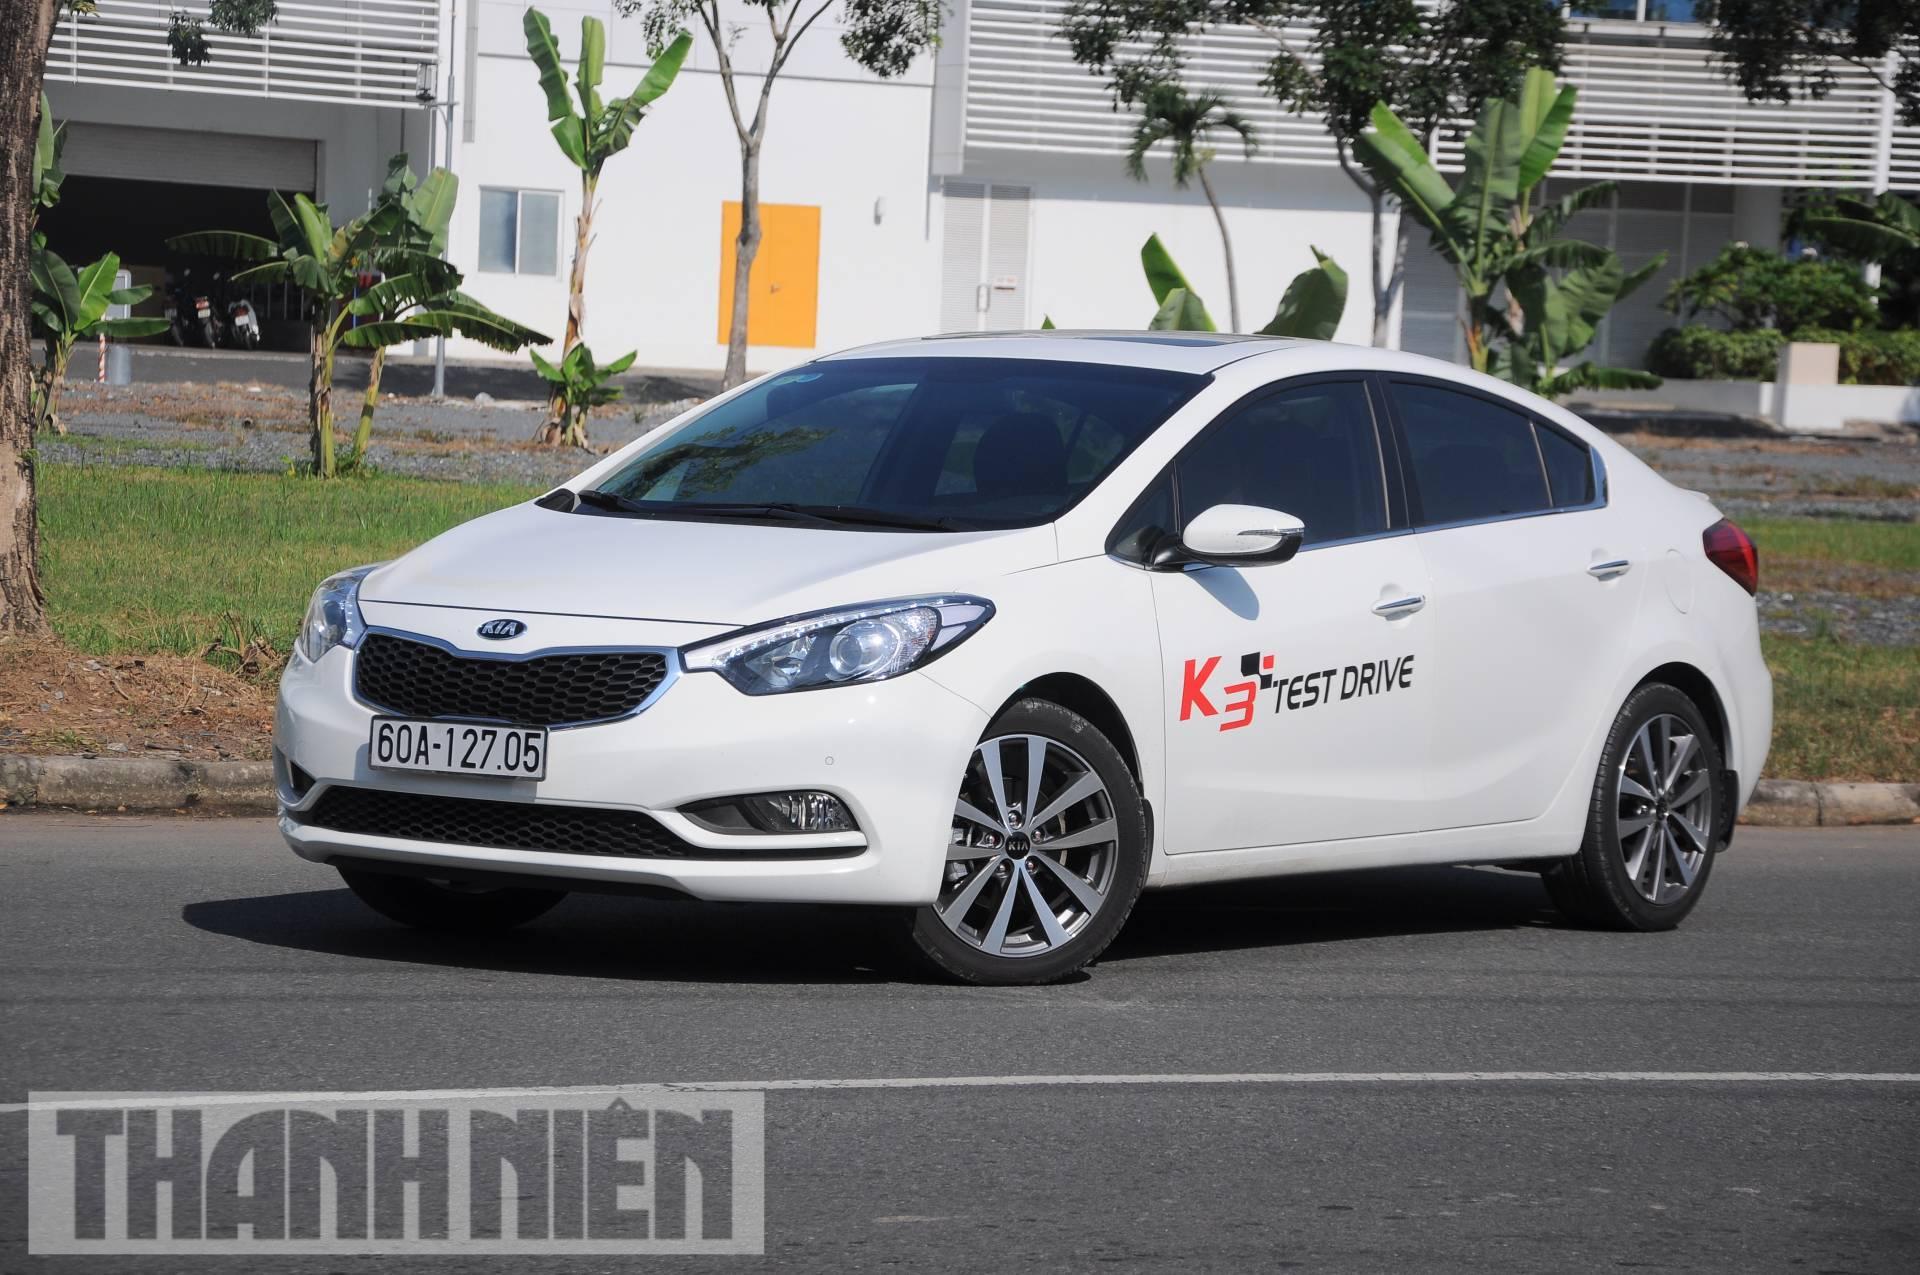 Chi tiết Kia K3 Premium giá 659 triệu đồng - ảnh 18